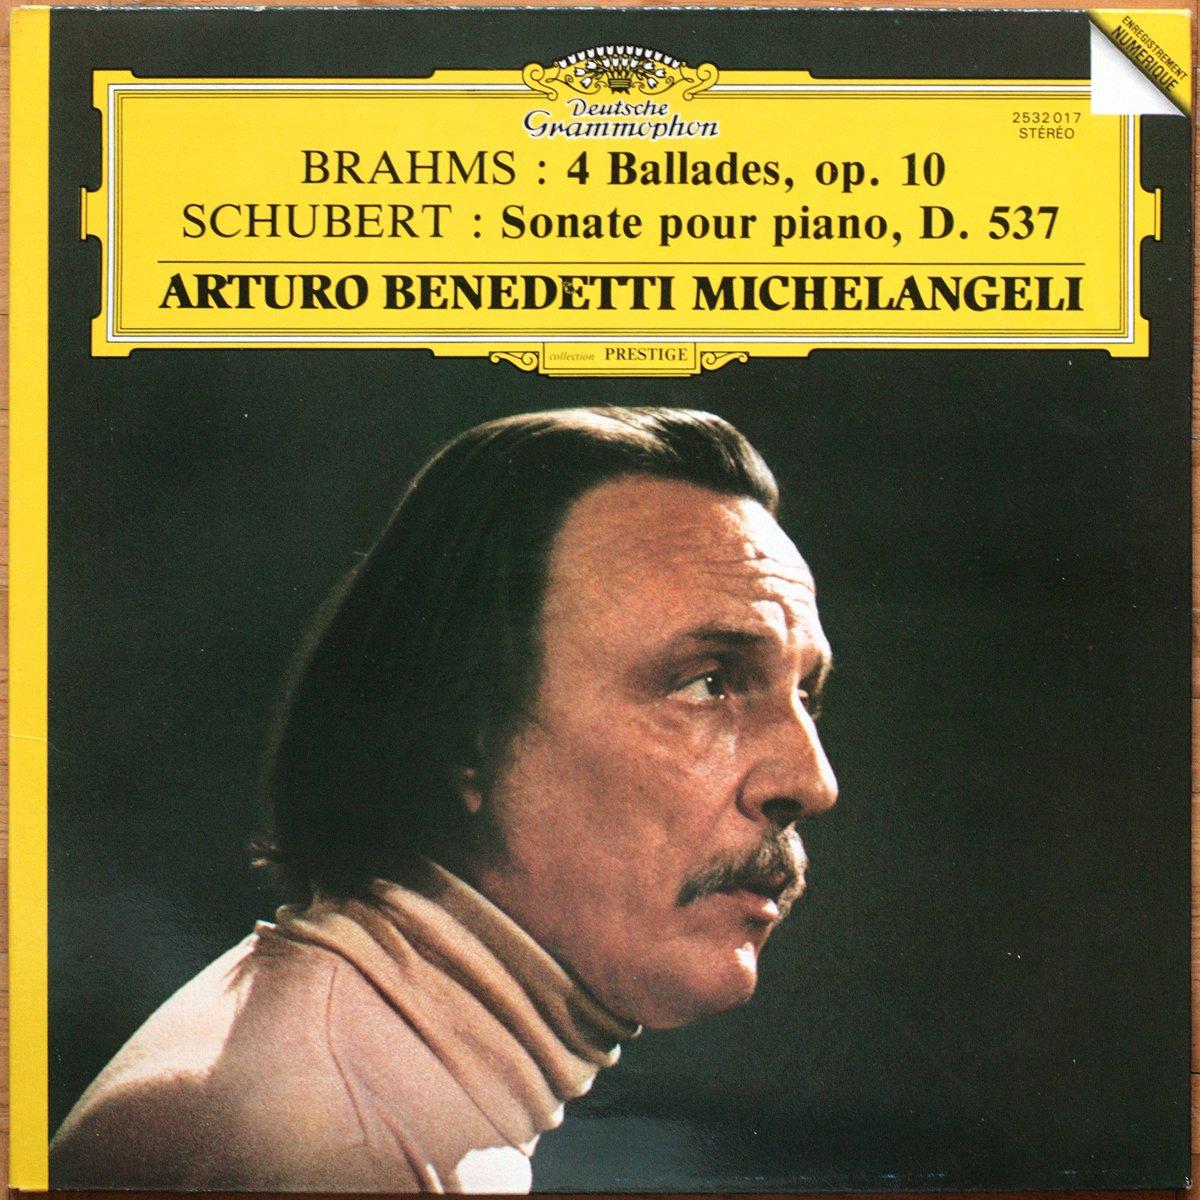 DGG 2532017 Brahms Ballades Schubert Benedetti Michelangeli